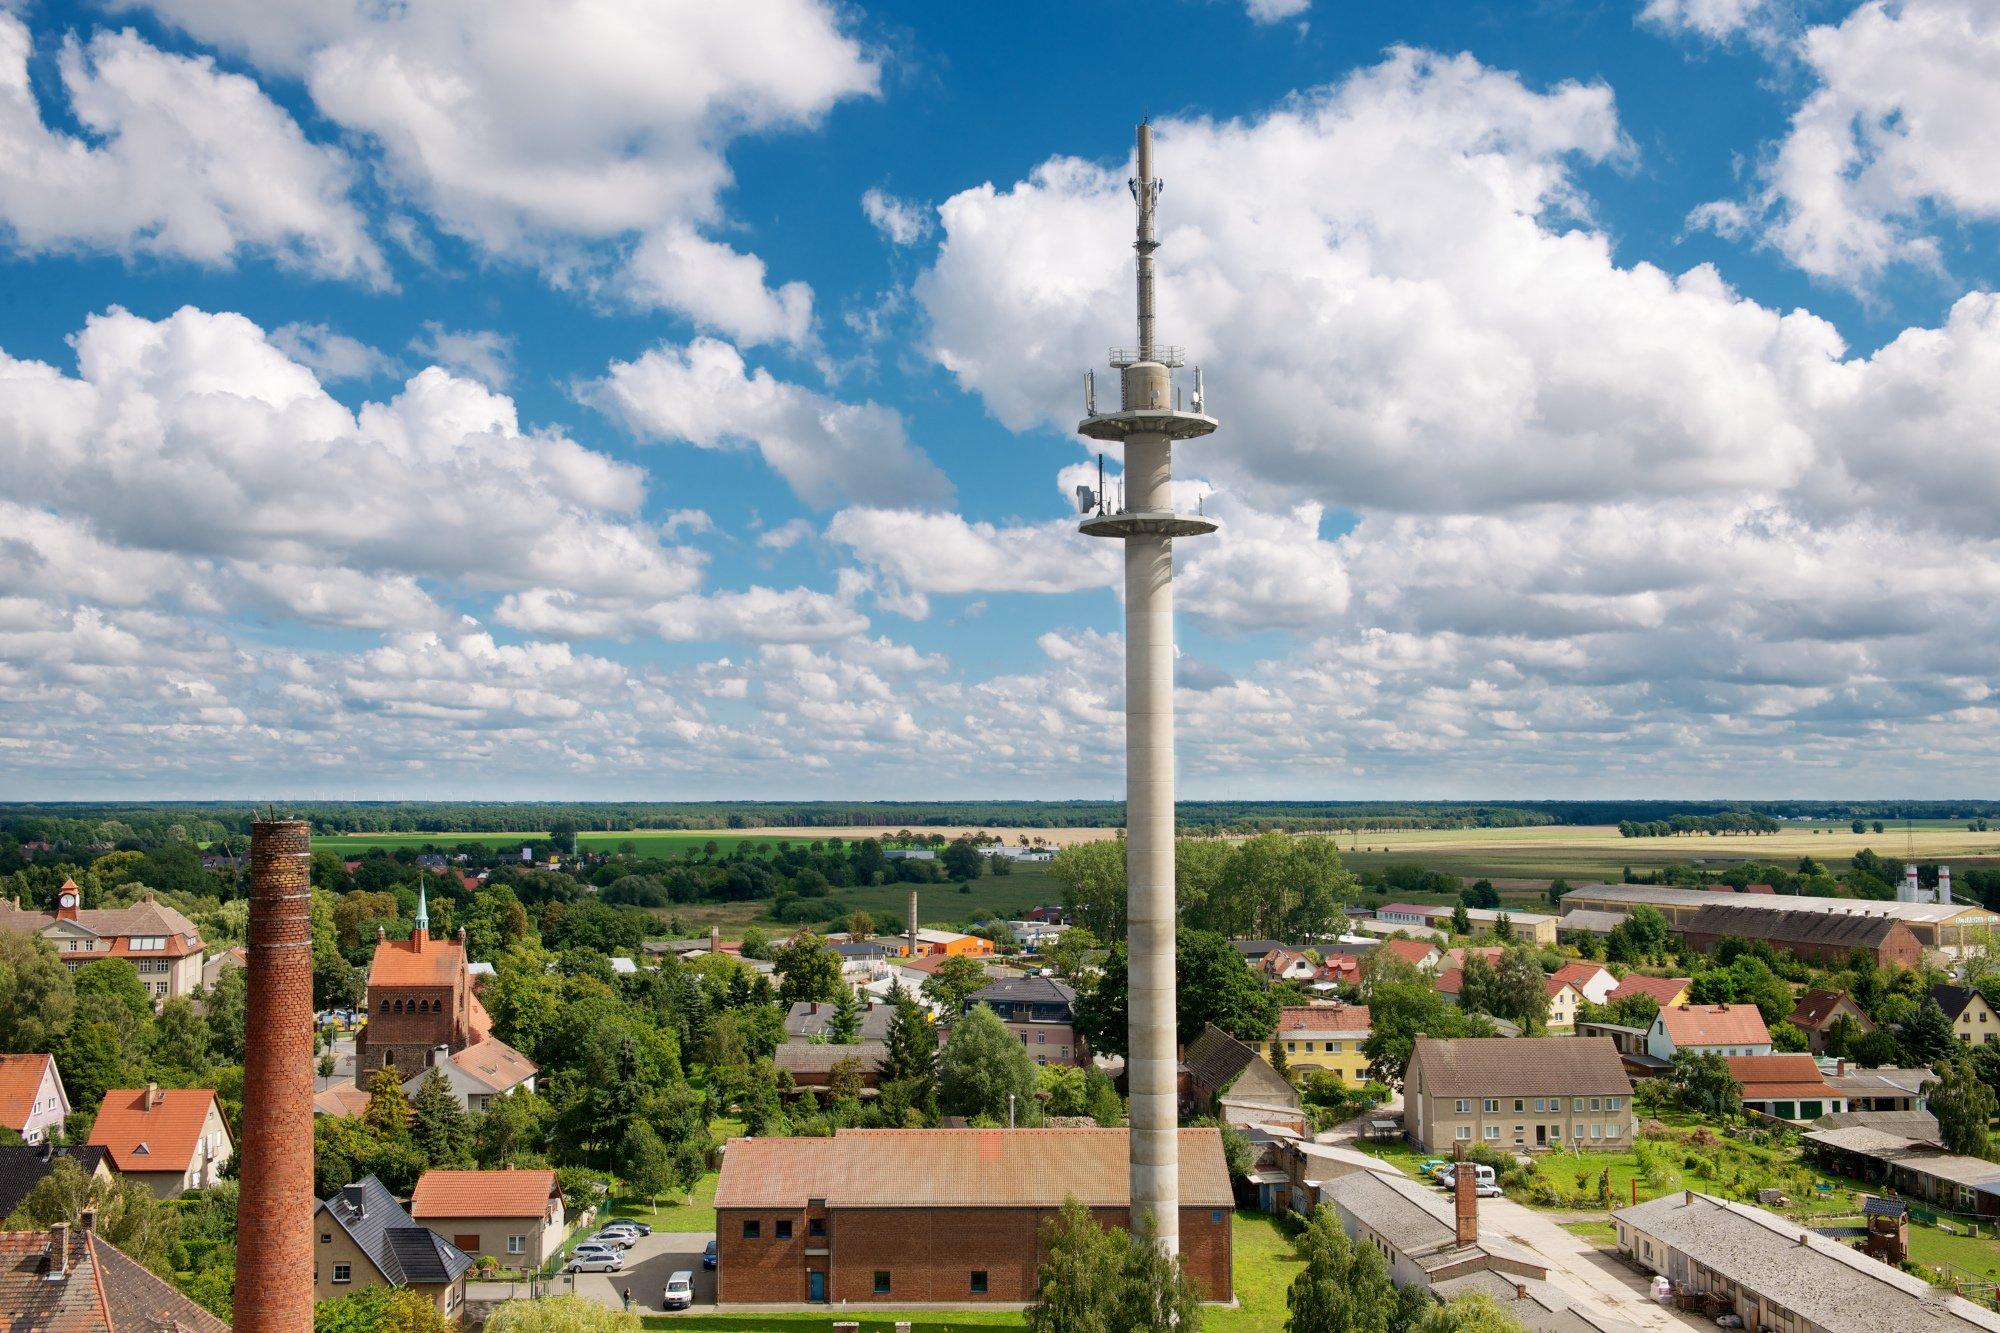 LTE-Basisstationen stehen auf dem Land manchmal ziemlich einsam herum, versorgen aber ein ziemlich großes Gebiet mit schnellem Internet (Bild: Telekom)